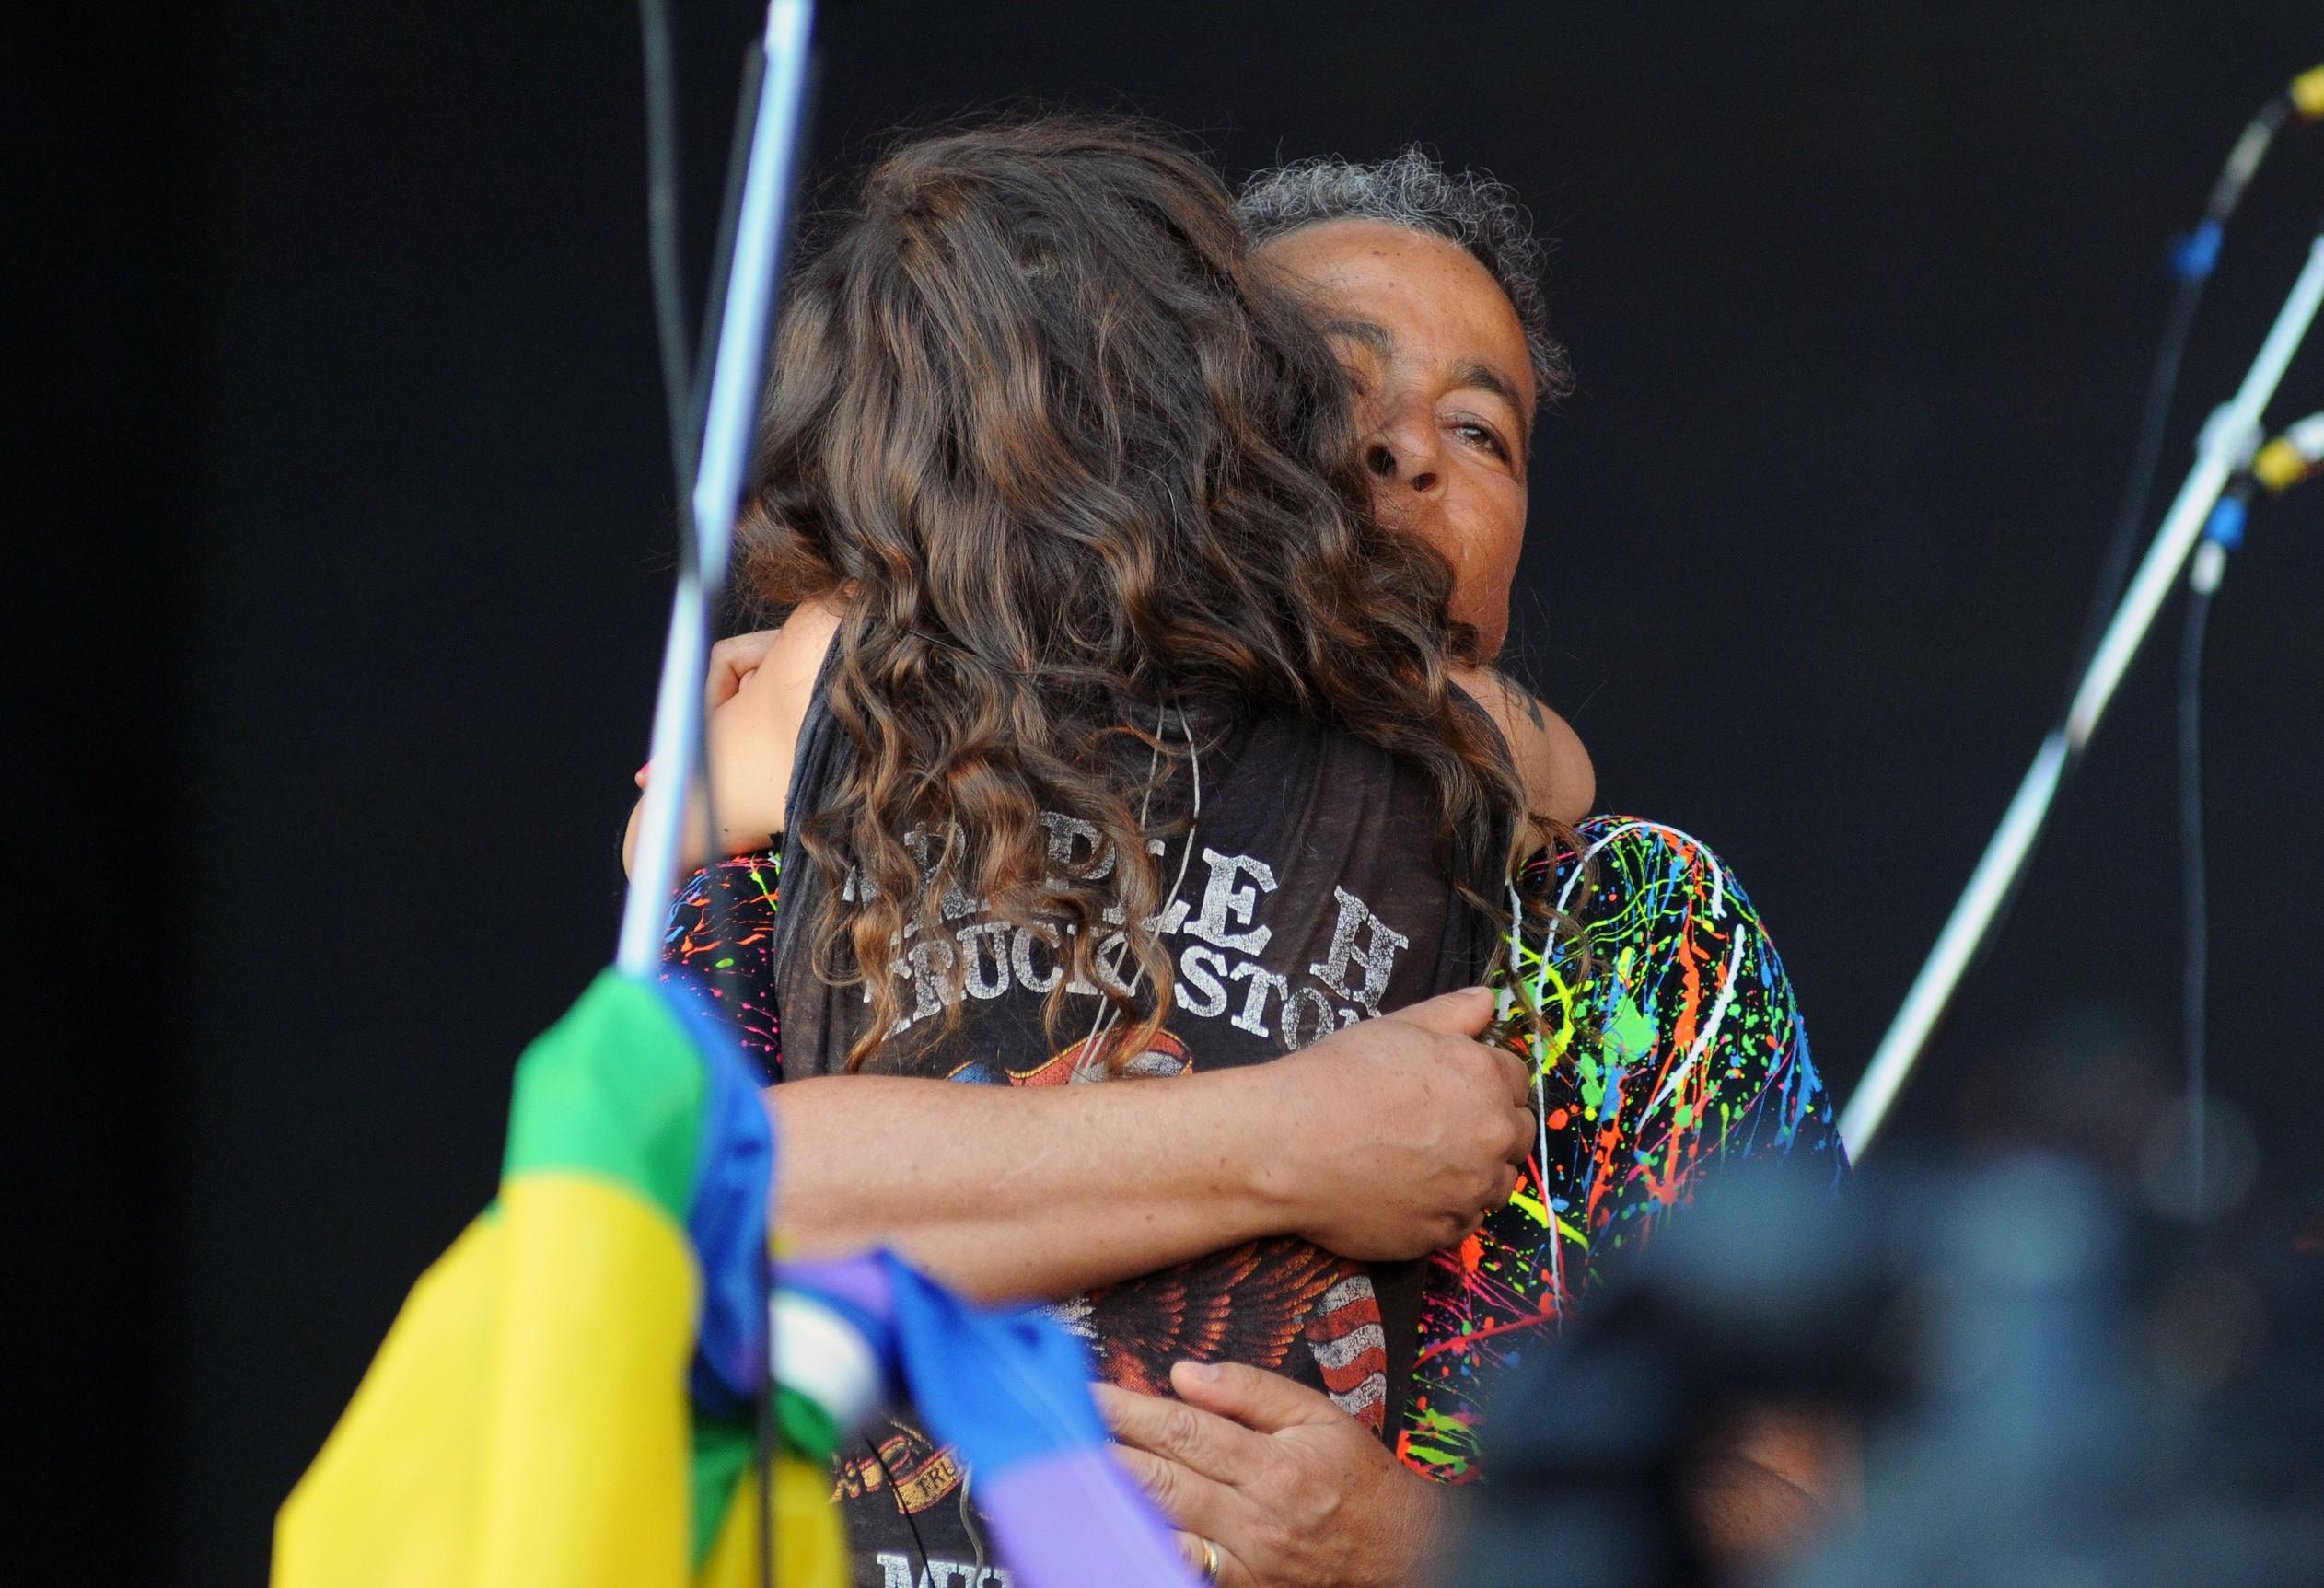 Ana Cañas recebe Hyldon durante show no Palco Sunset no Rock in Rio 2017 (Foto: Alexandre Durão/G1)